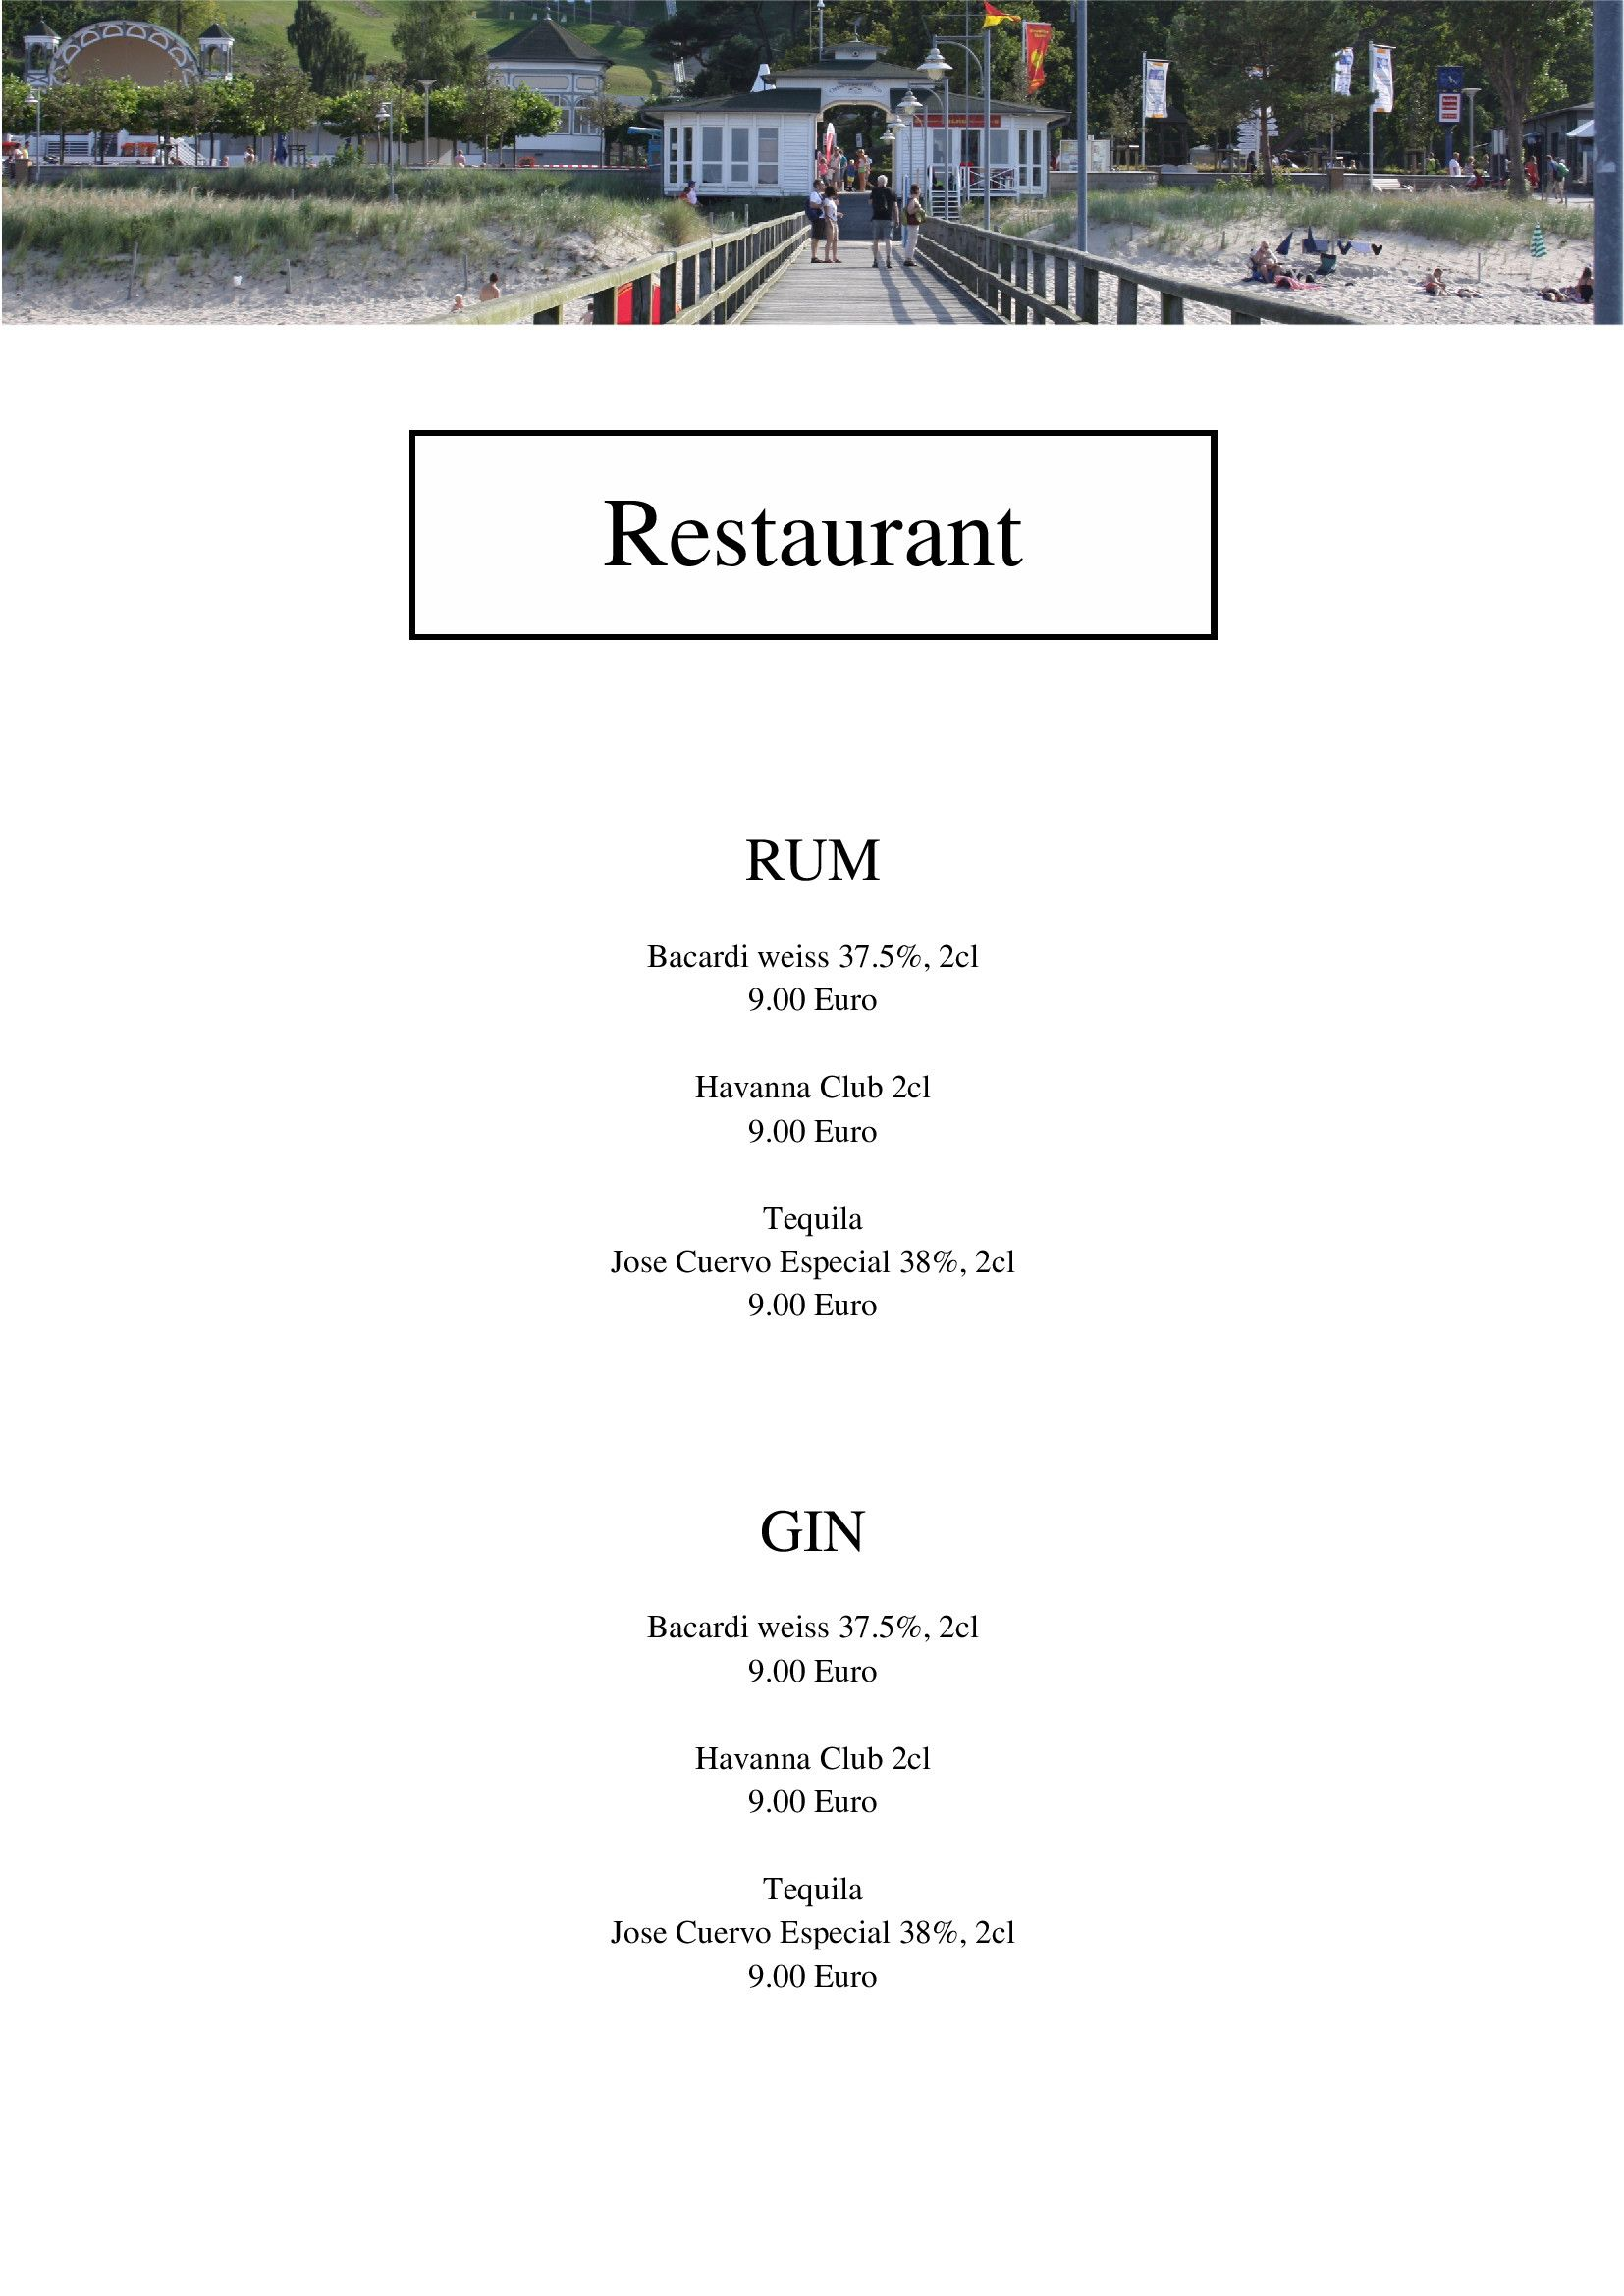 """Egal ob Bar, Club, Bistro oder Restaurant. Diese Vorlage könnte Ihre sein. Klicken Sie auf """"Vorlage verwenden""""m klicken Sie auf die ELemente, Tauschen Sie das Bild durch eine eigenes aus und änderen Sie den Text. Diese Vorlage ist mit wenigen Klicks Ihre neue Karte."""